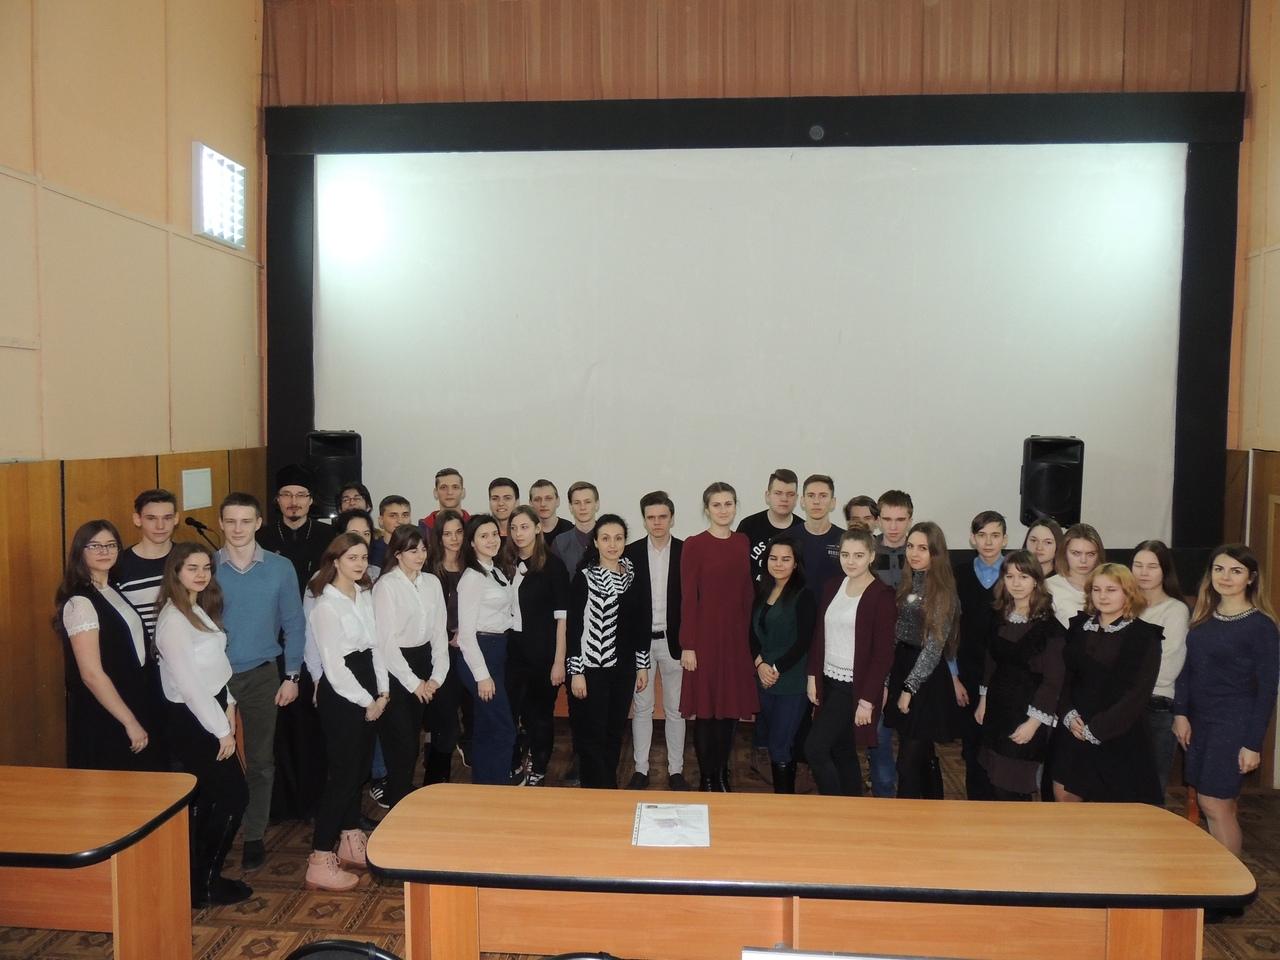 Председатель отдела по делам молодежи Александровской епархии принял участие во встрече с заместителем председателя комитета по молодежной политике администрации Владимирской области в Юрьеве-Польском